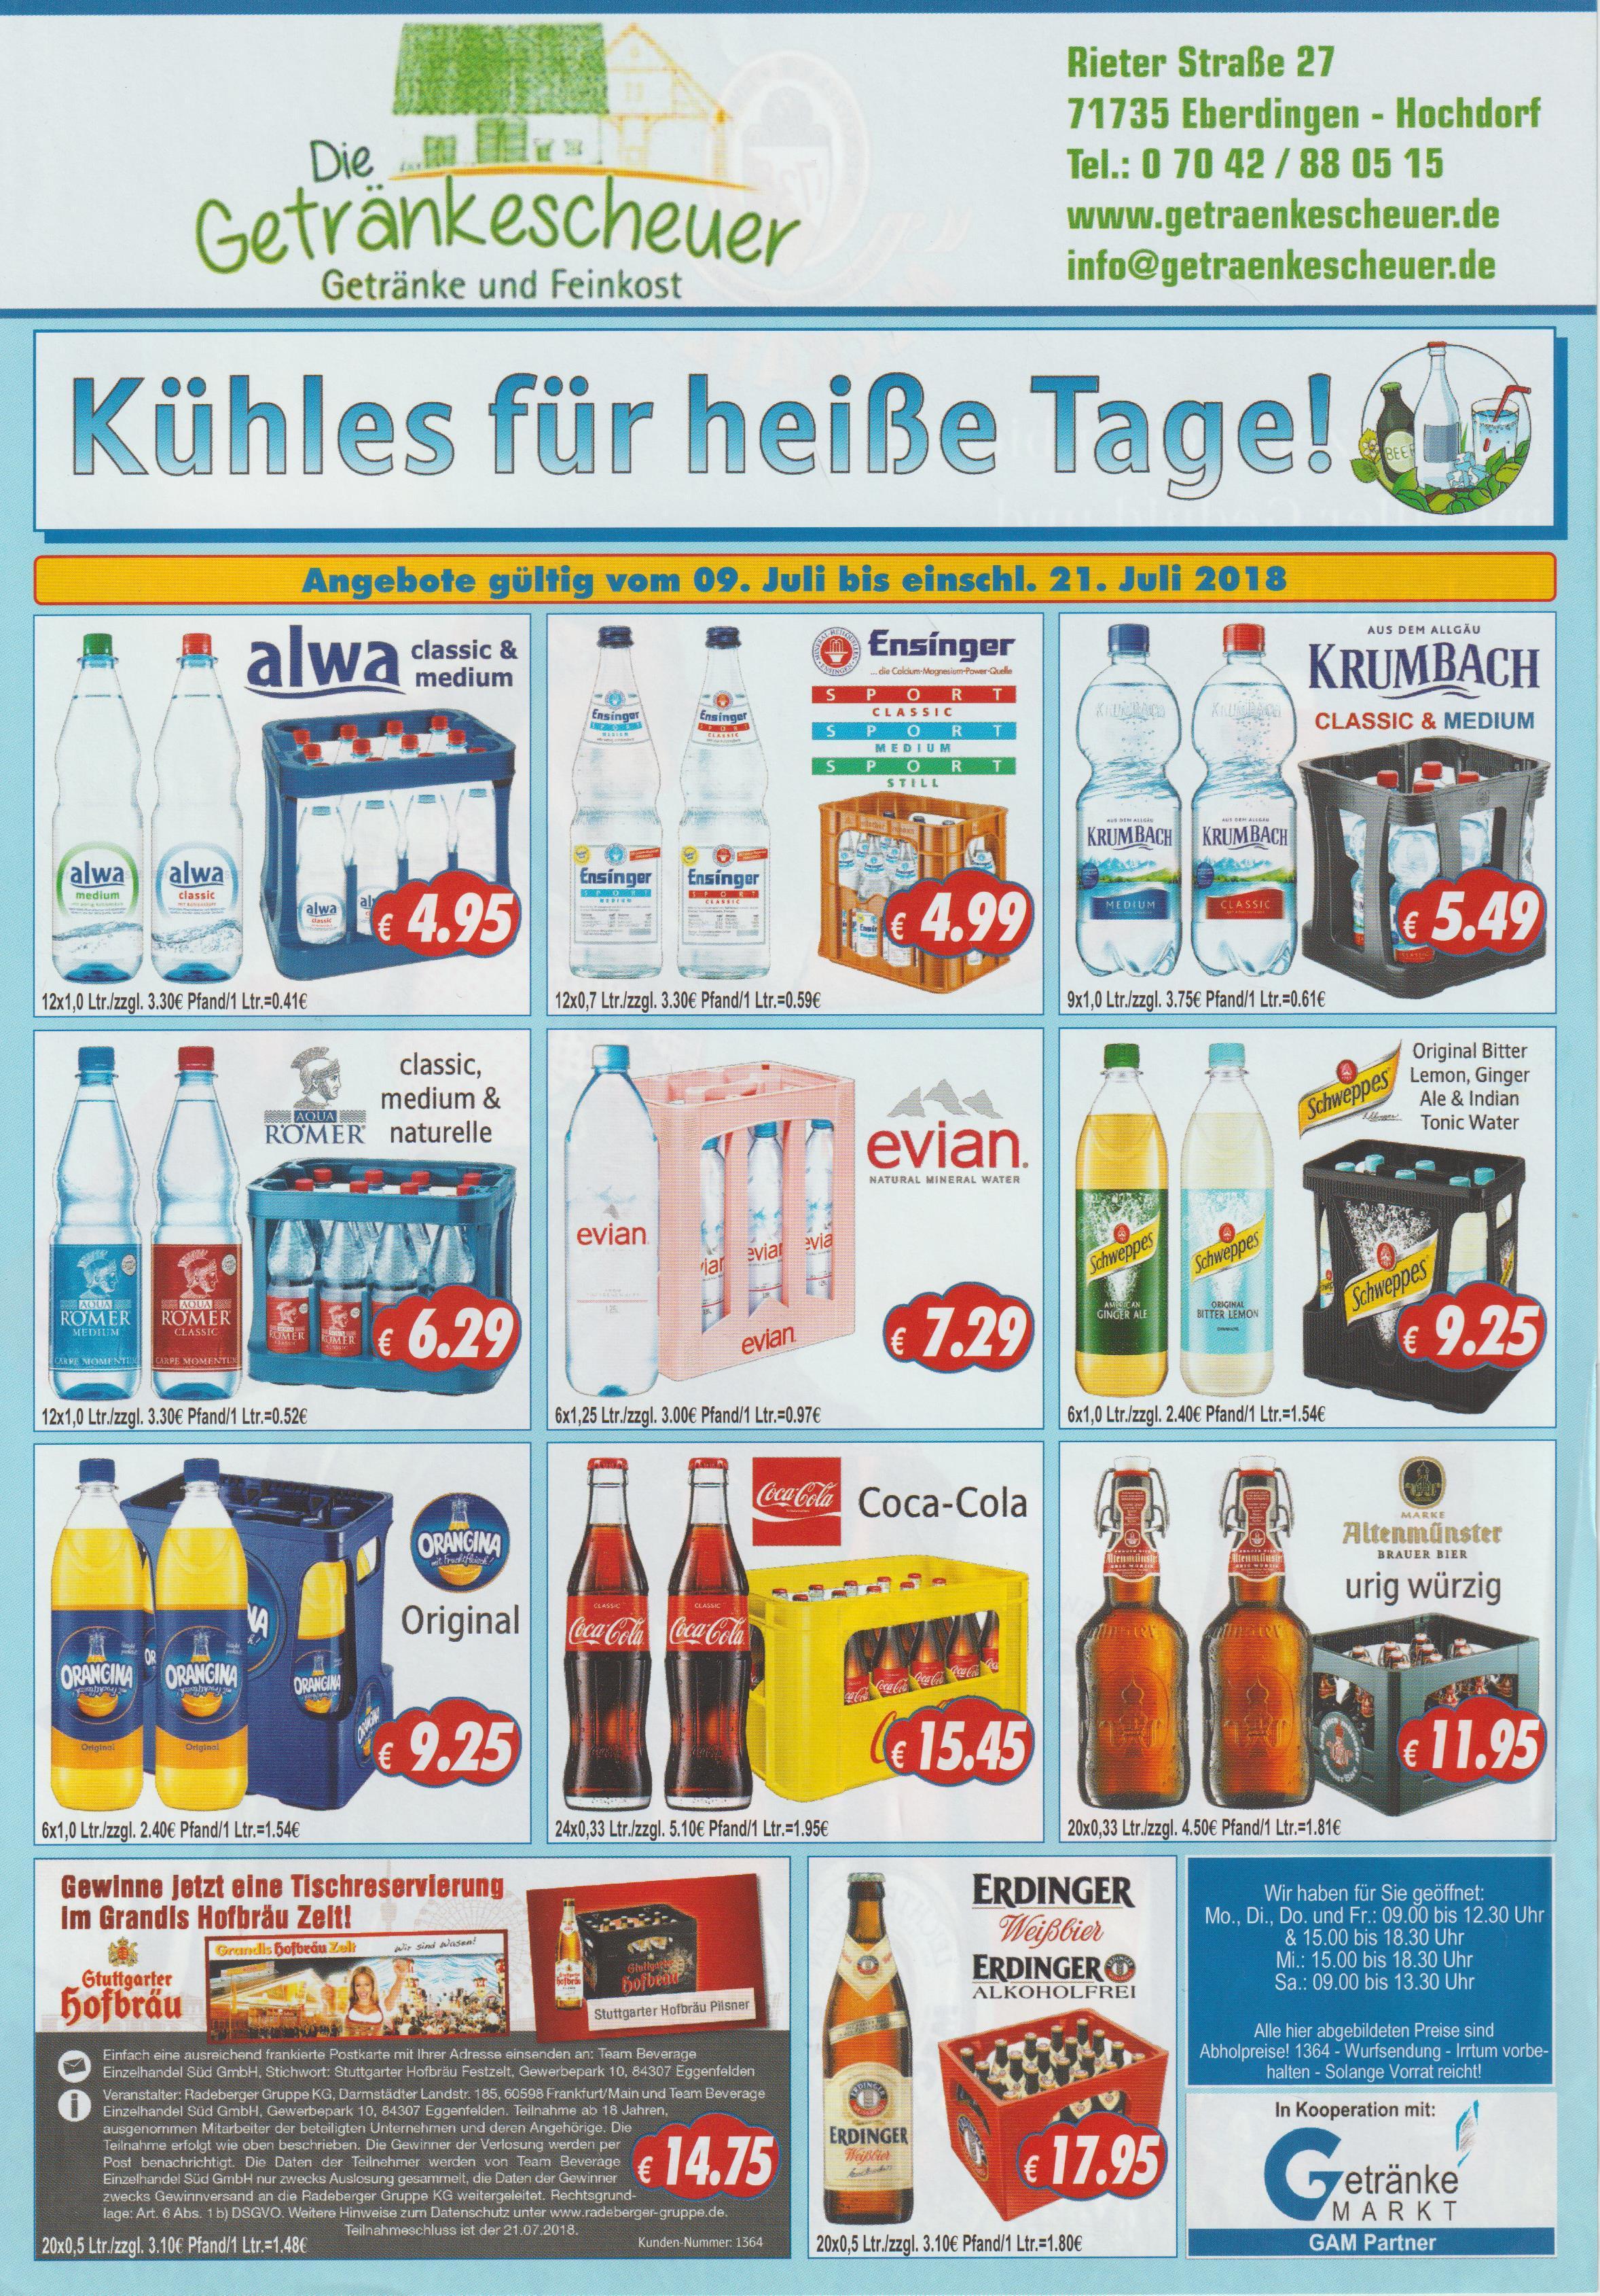 Getränke - Die Getränkescheuer